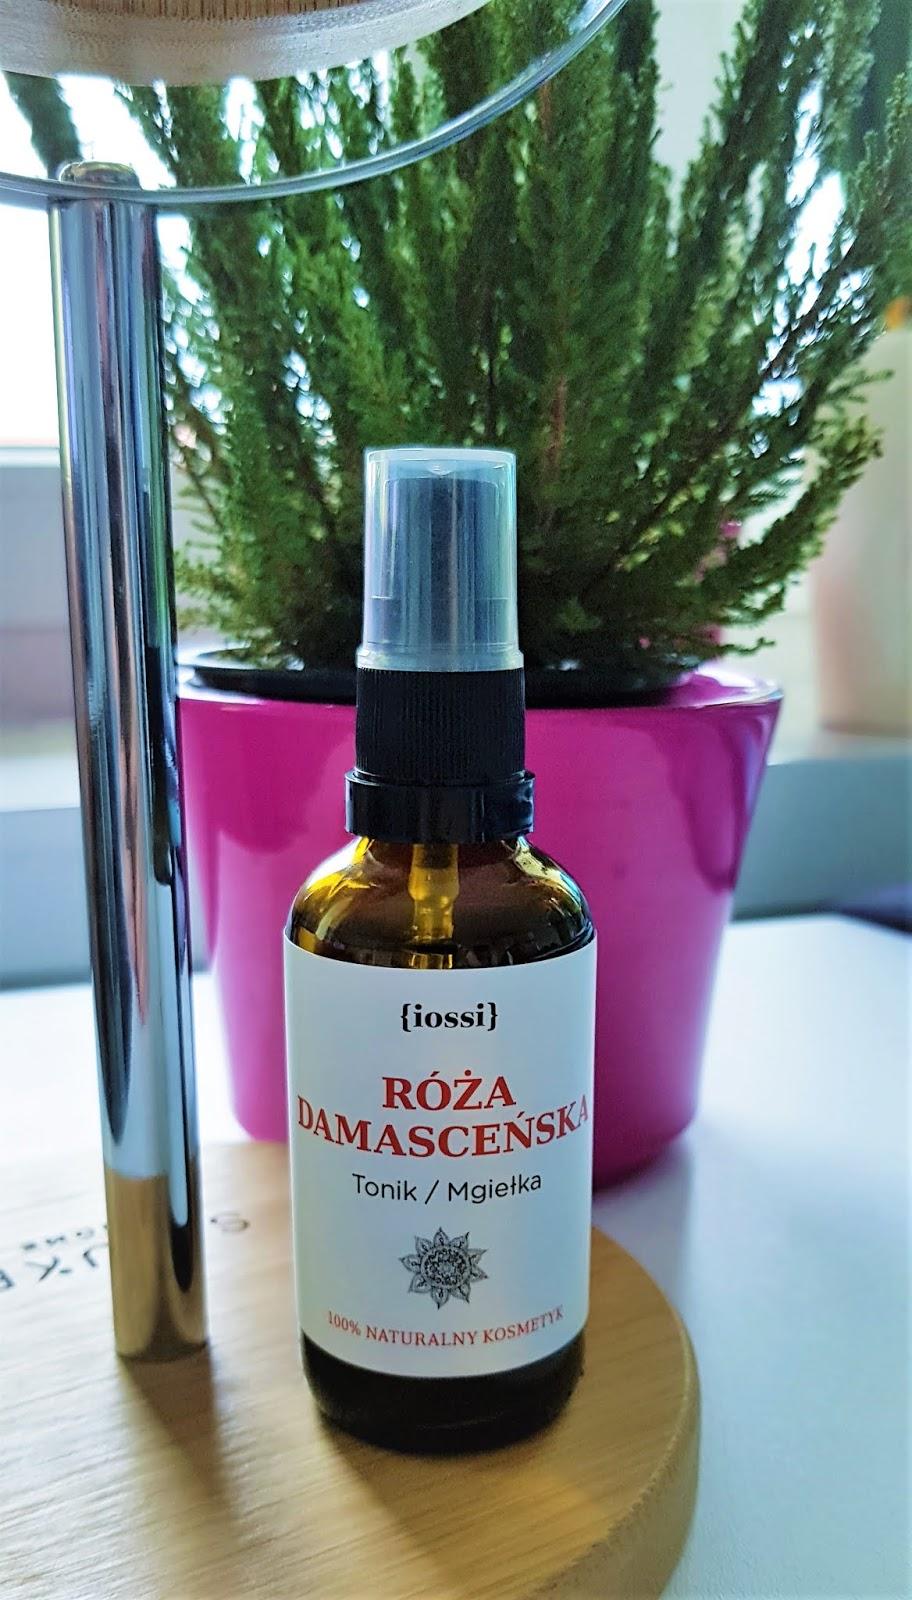 Iossi róża damasceńska tonik mgiełka